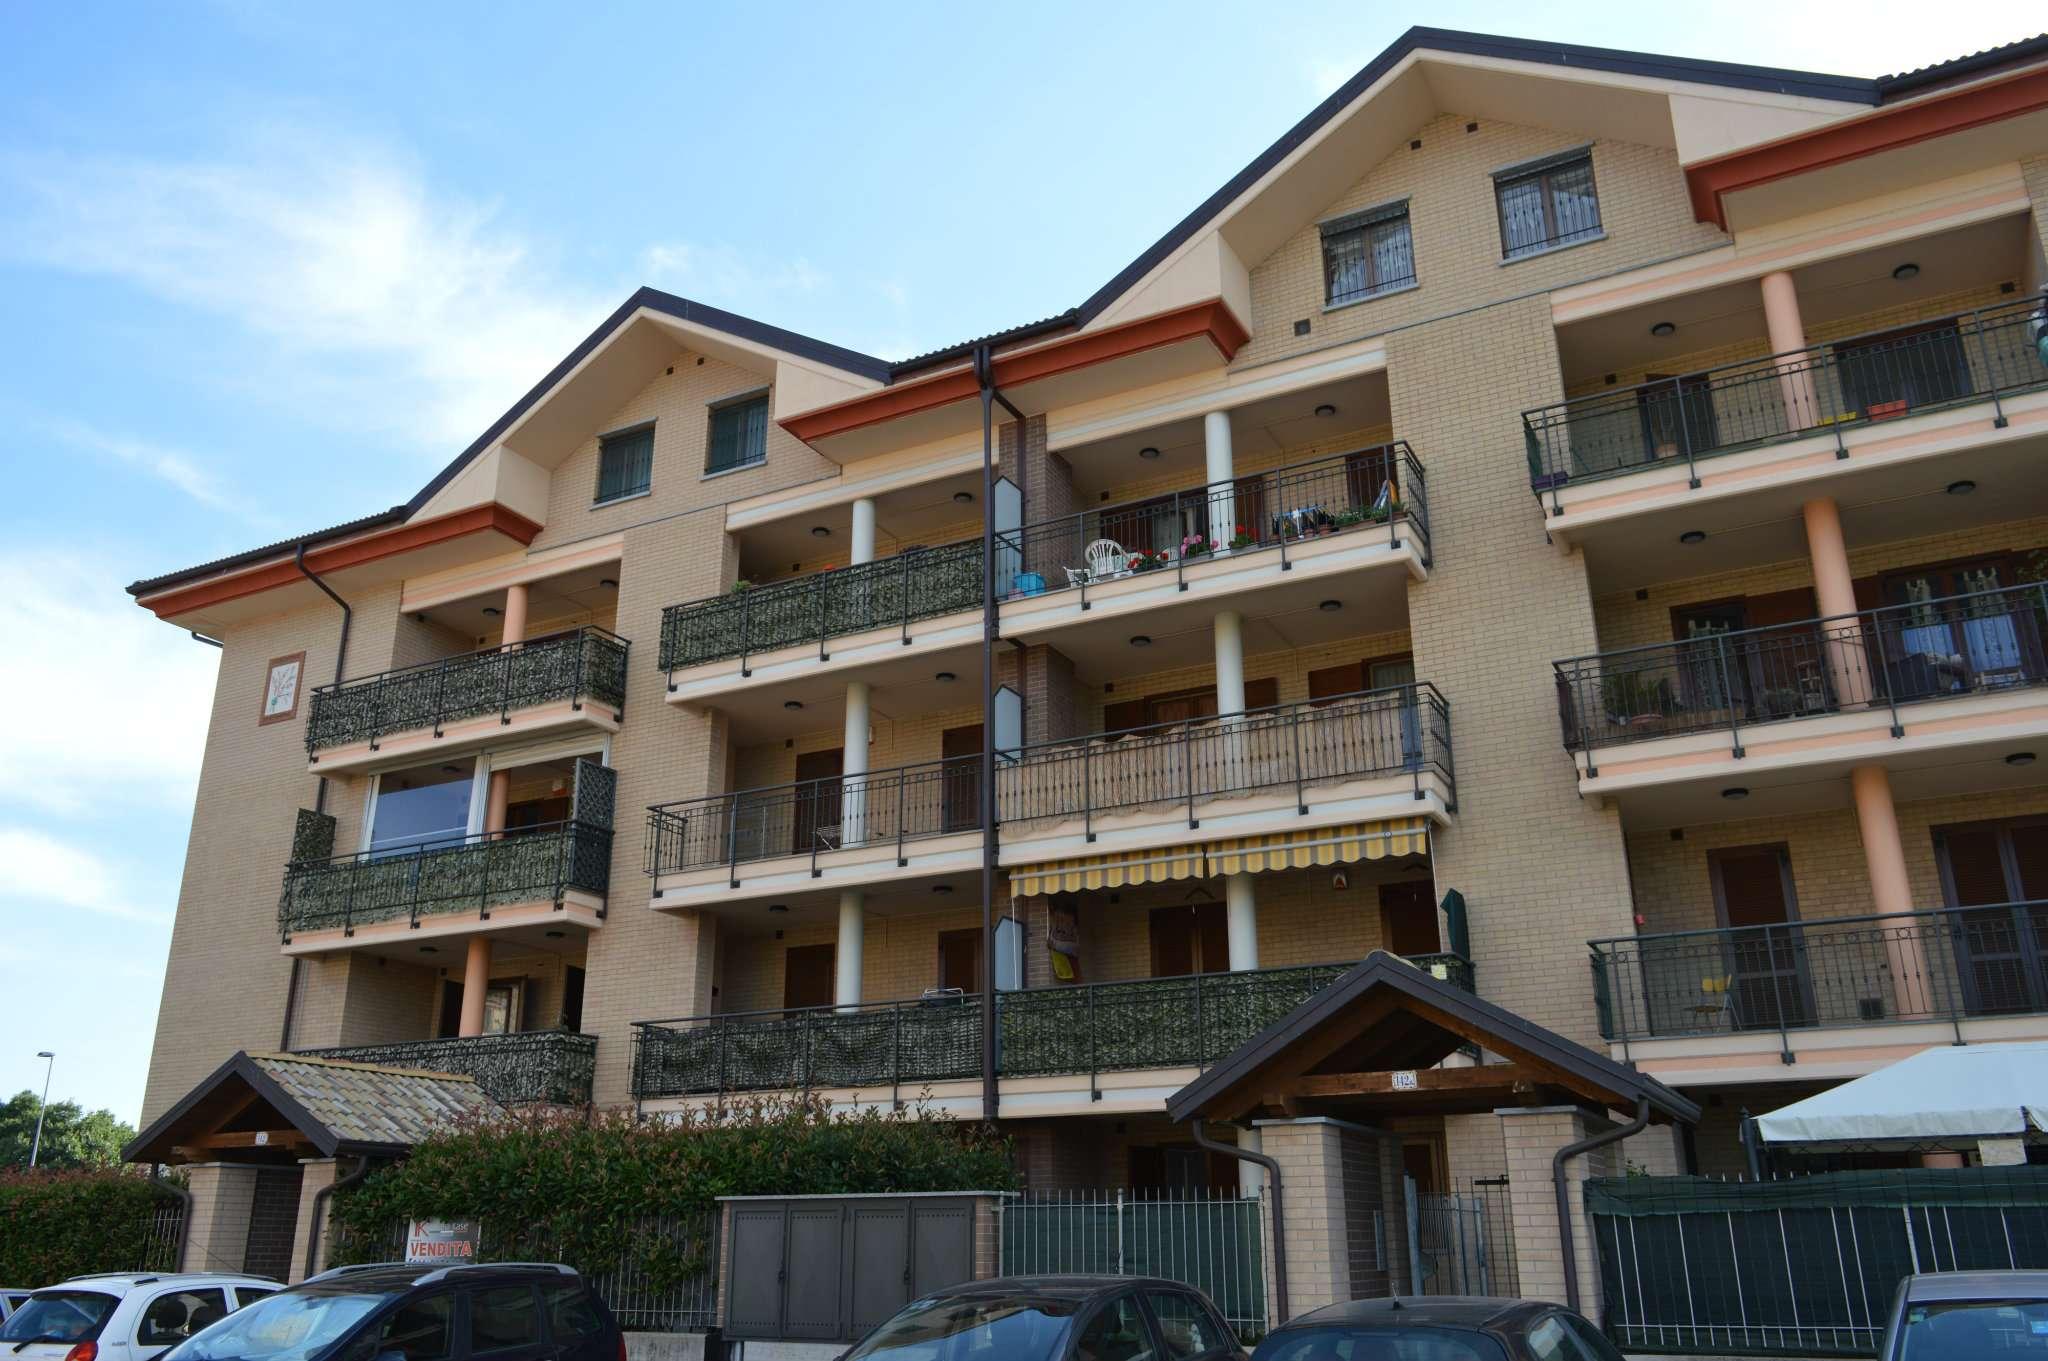 Foto 1 di Bilocale via ALLE FABBRICHE 142, Caselle Torinese